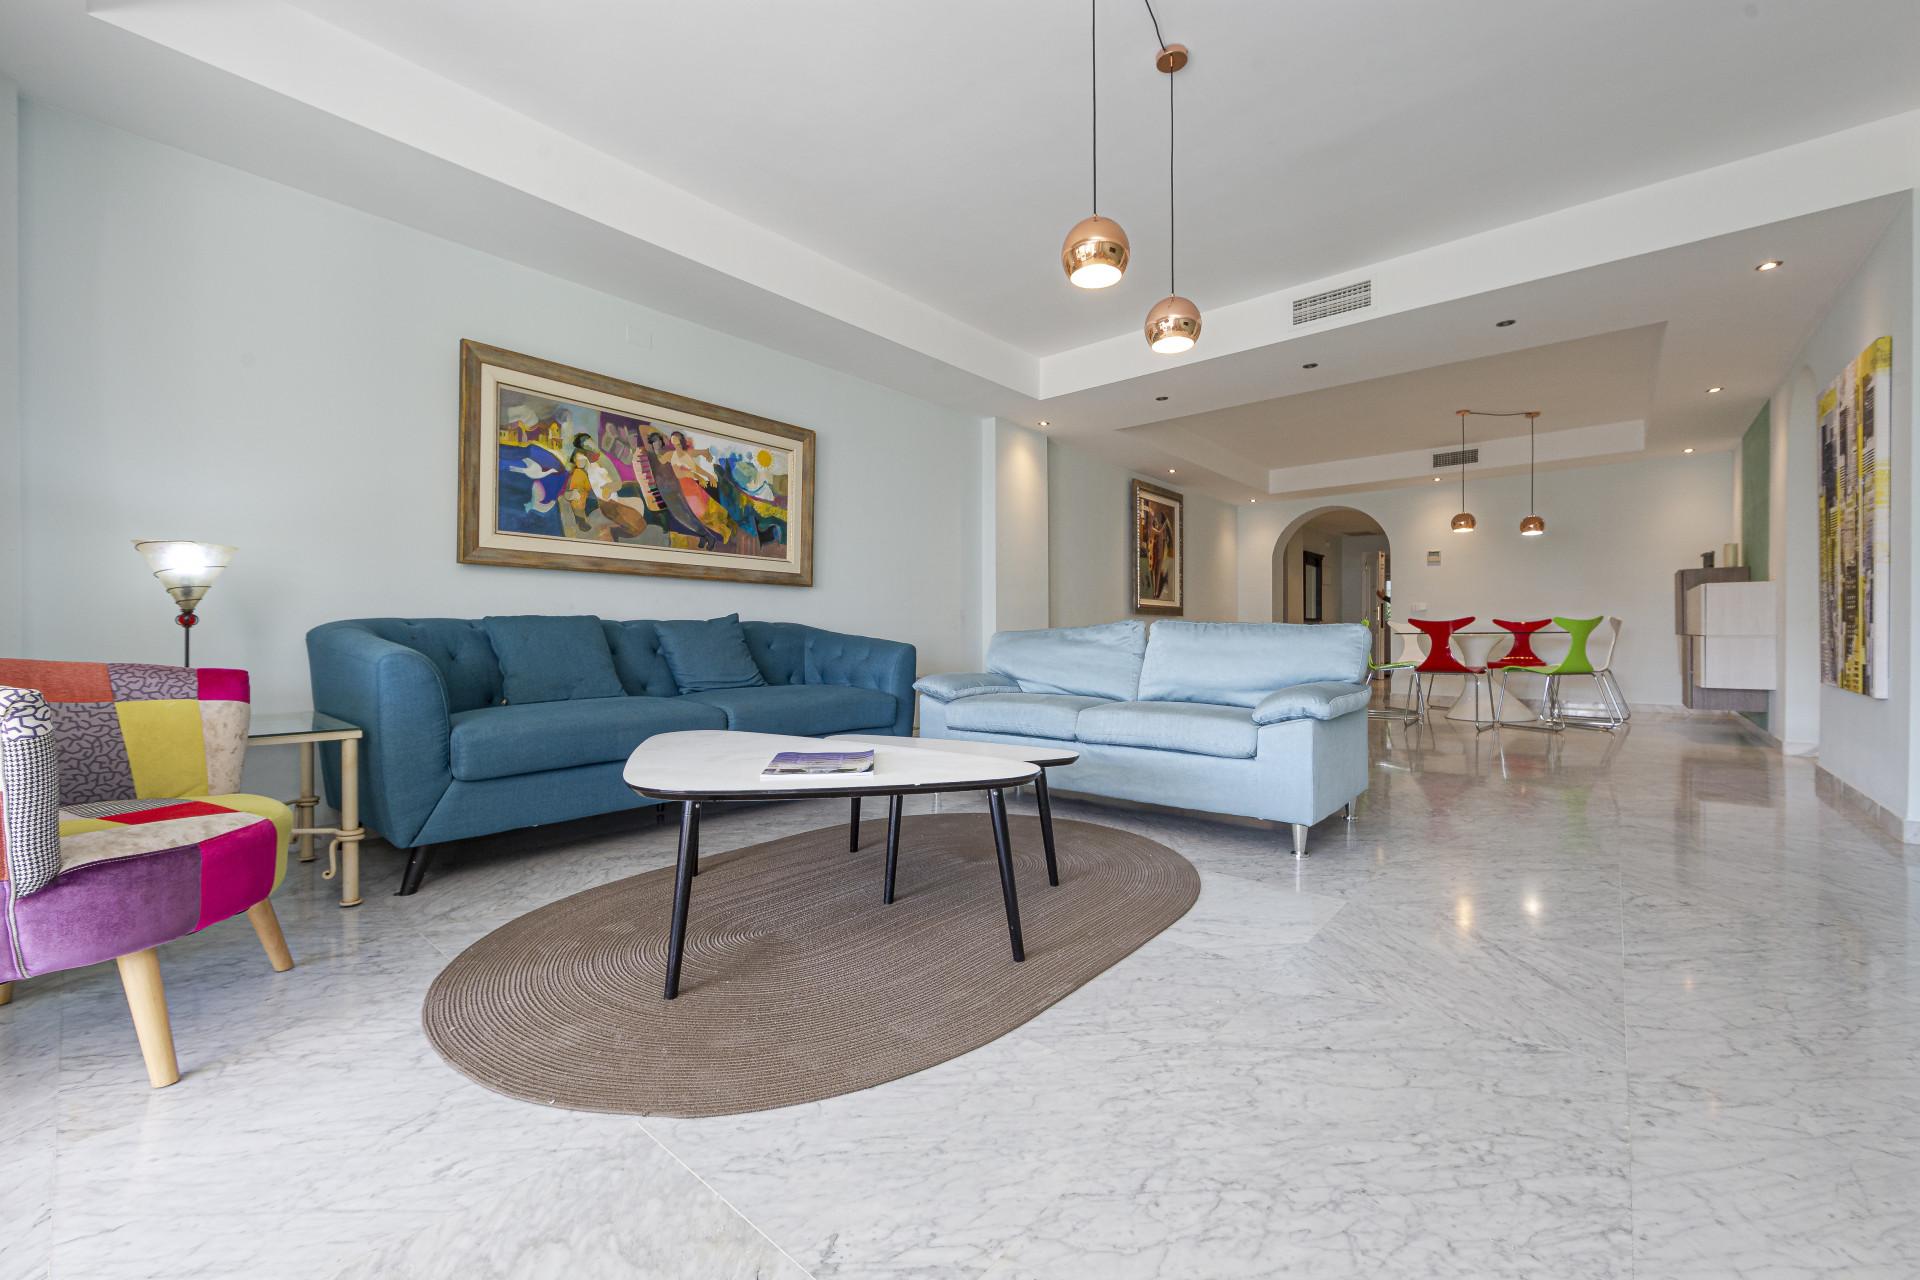 Wohnung zum Verkauf en Playas del Duque, Marbella - Puerto Banus